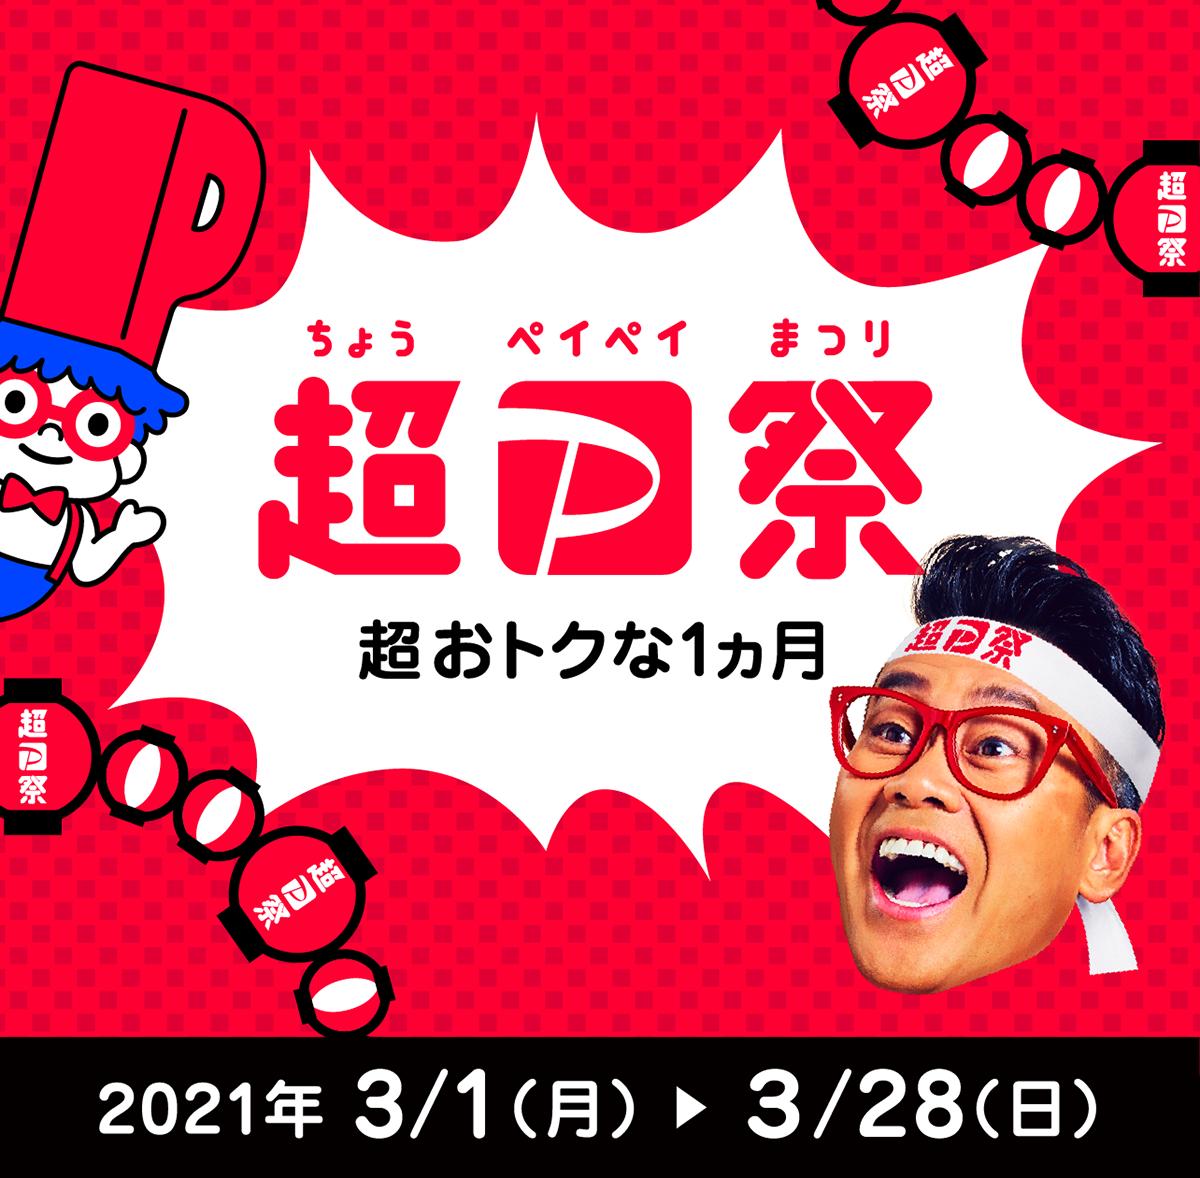 最大全額100%還元のペイペイジャンボや最大1,000円相当 20%戻ってくるキャンペーンなど多数実施される「超PayPay祭」が3月1日から開始!